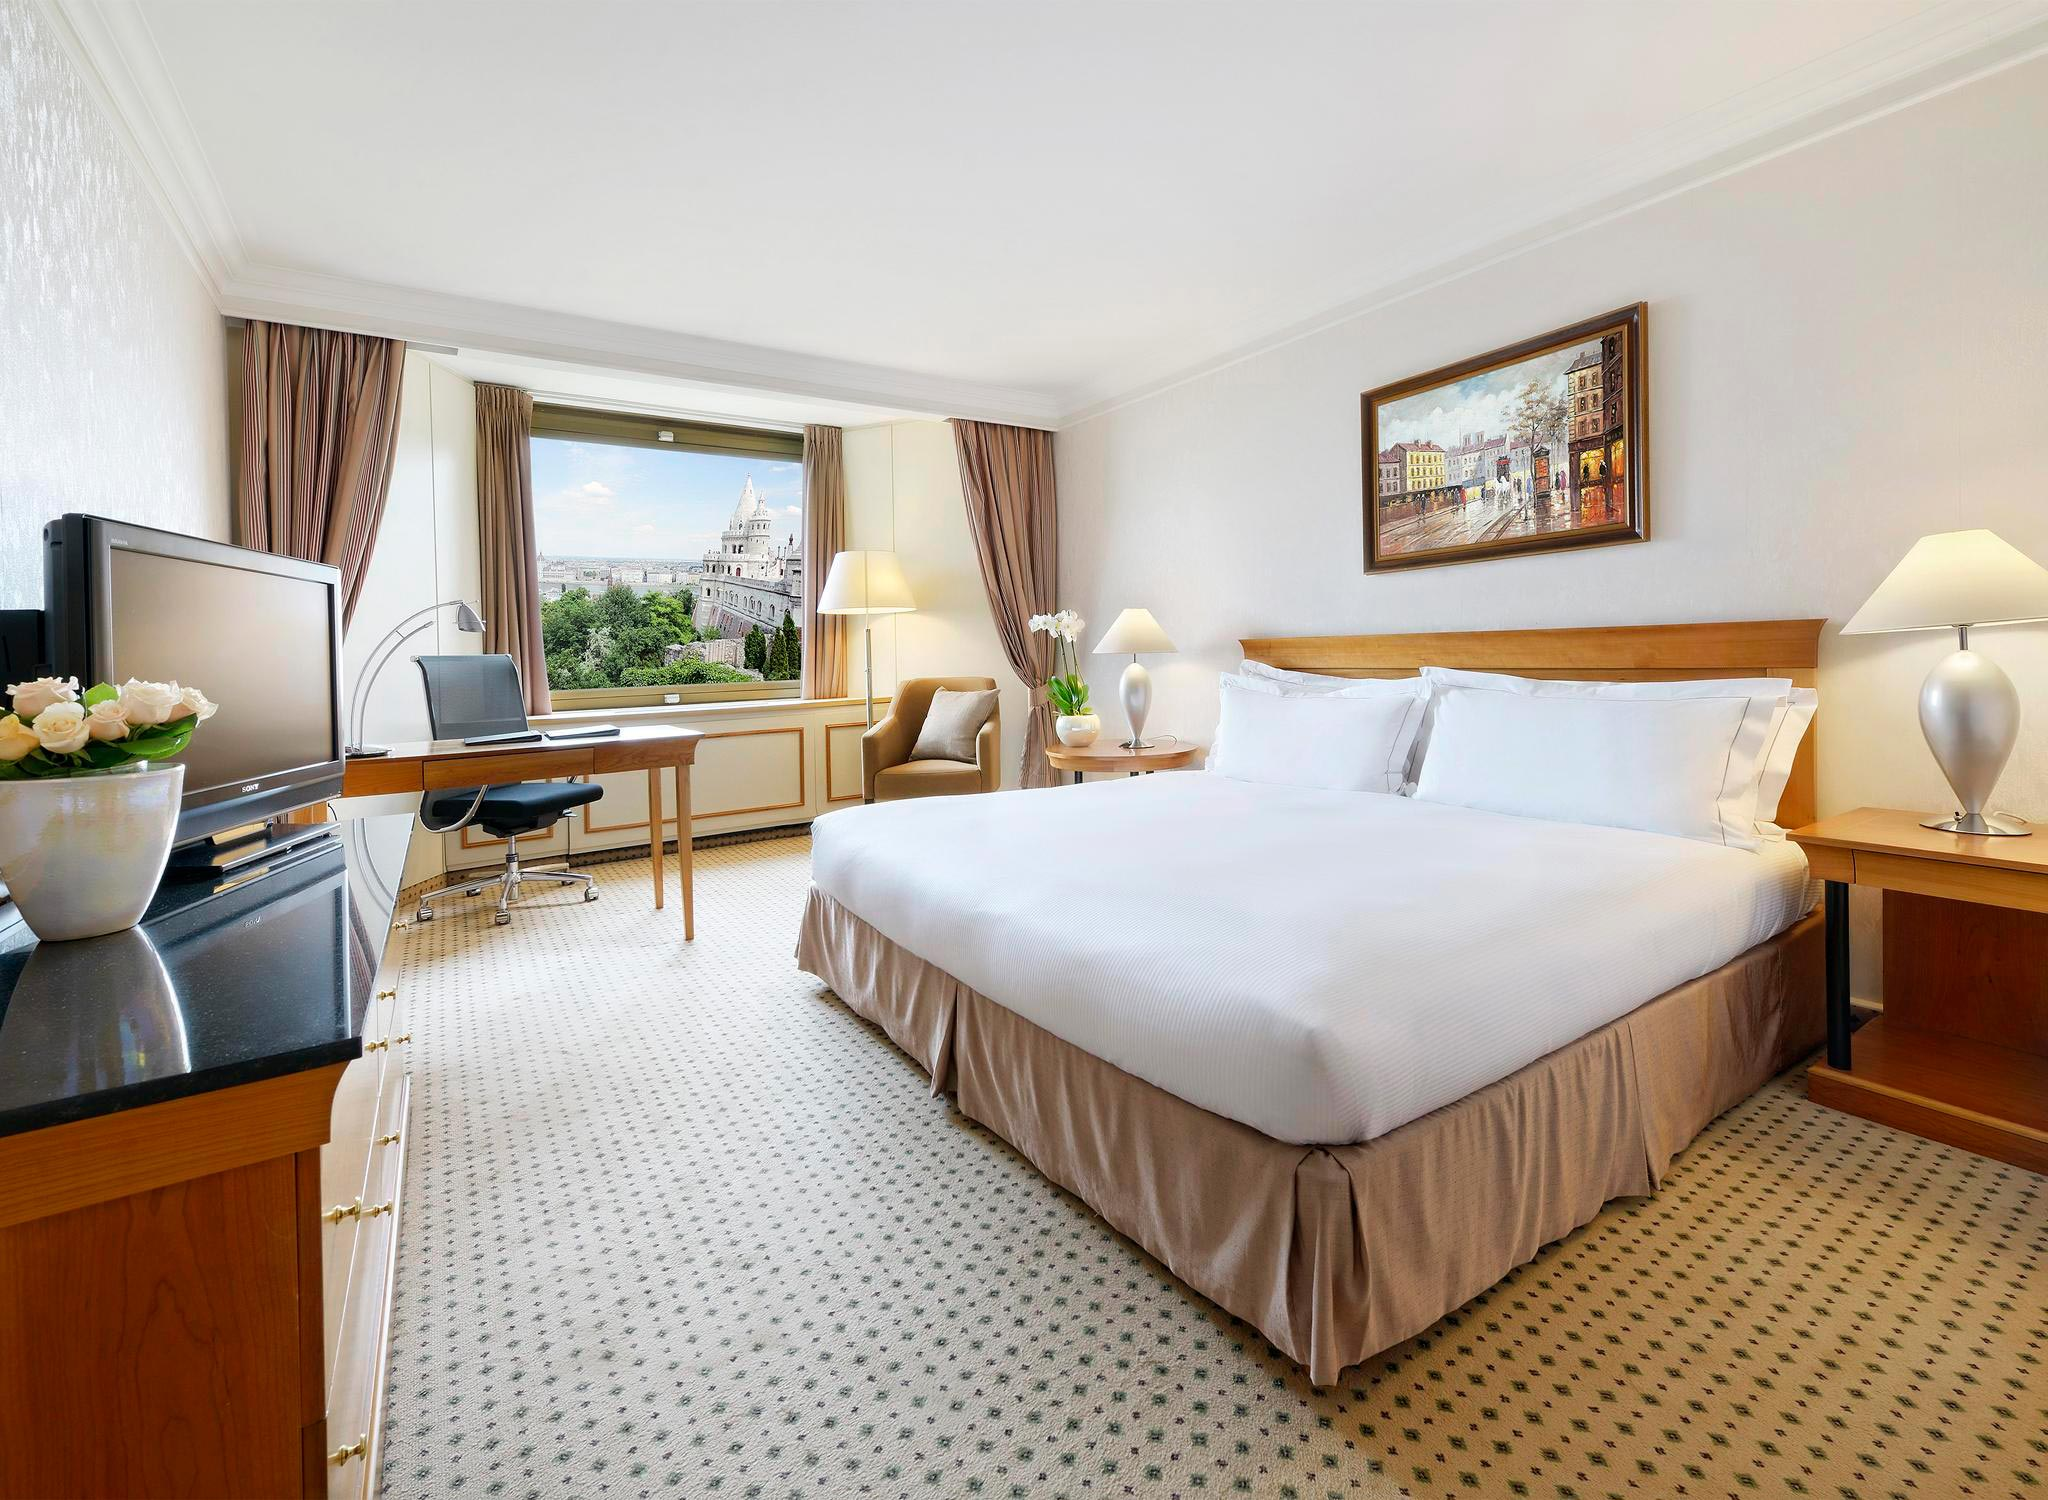 Salle De Bain Hilton ~ noken dans les h tels hilton luxe et sophistication dans la salle